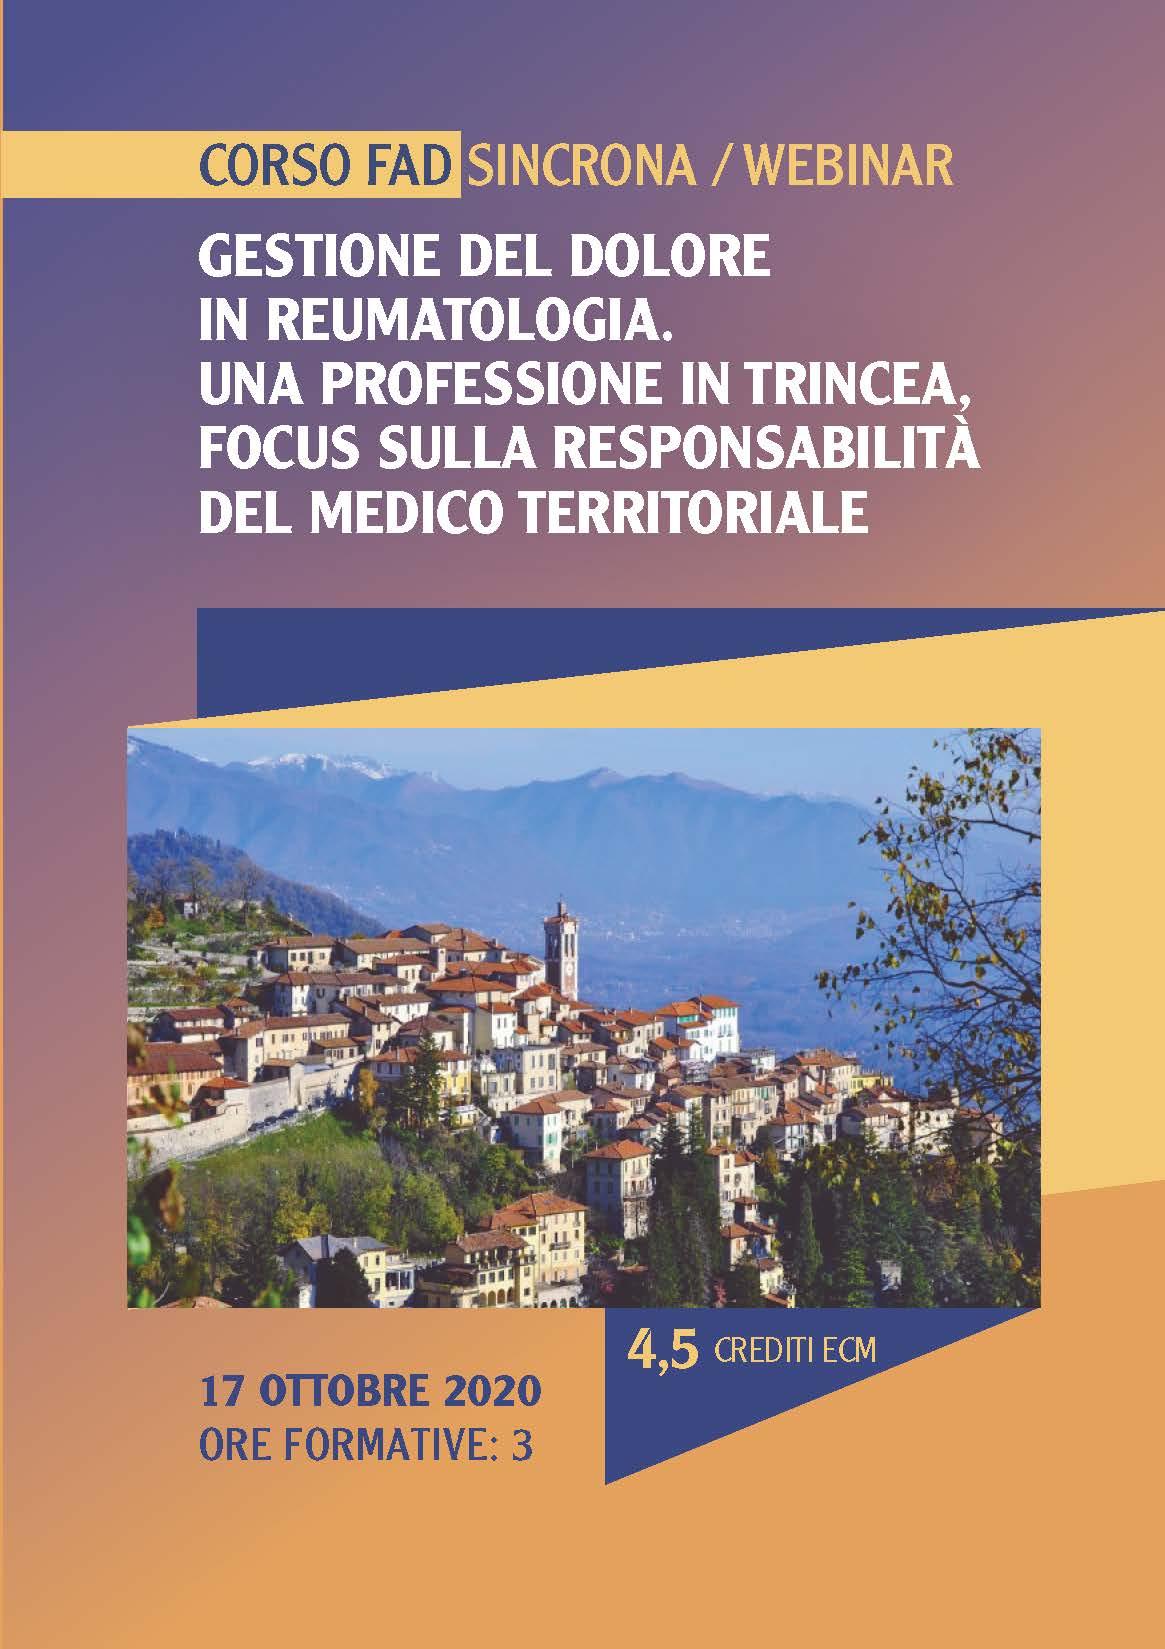 Gestione del dolore in reumatologia: Una professione in trincea. FOCUS sulla responsabilità del medico territoriale